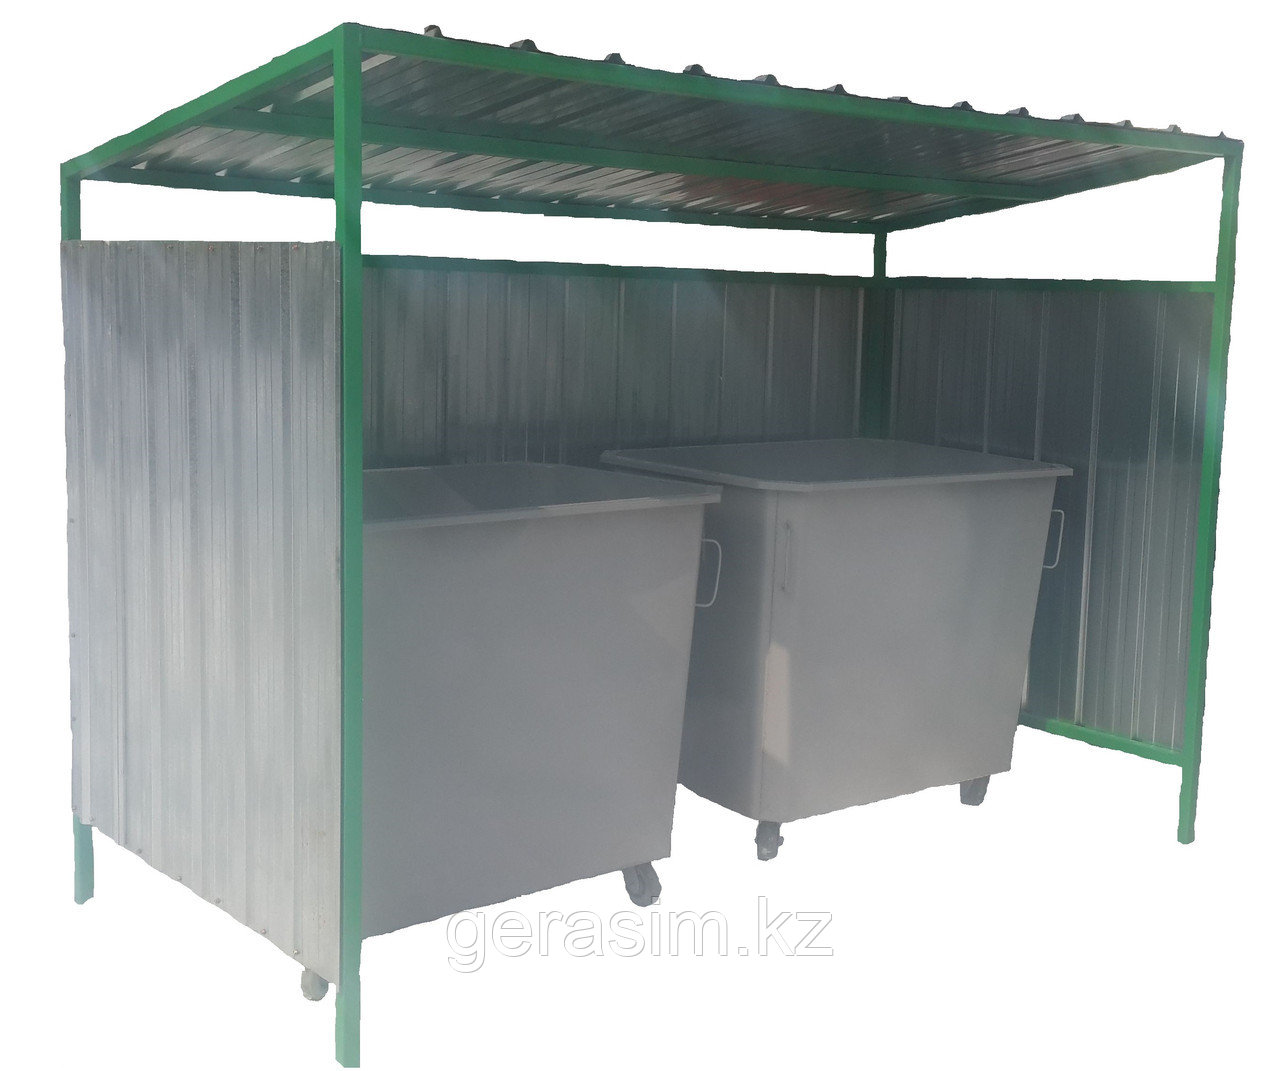 Ограждение для мусорных контейнеров ТБО